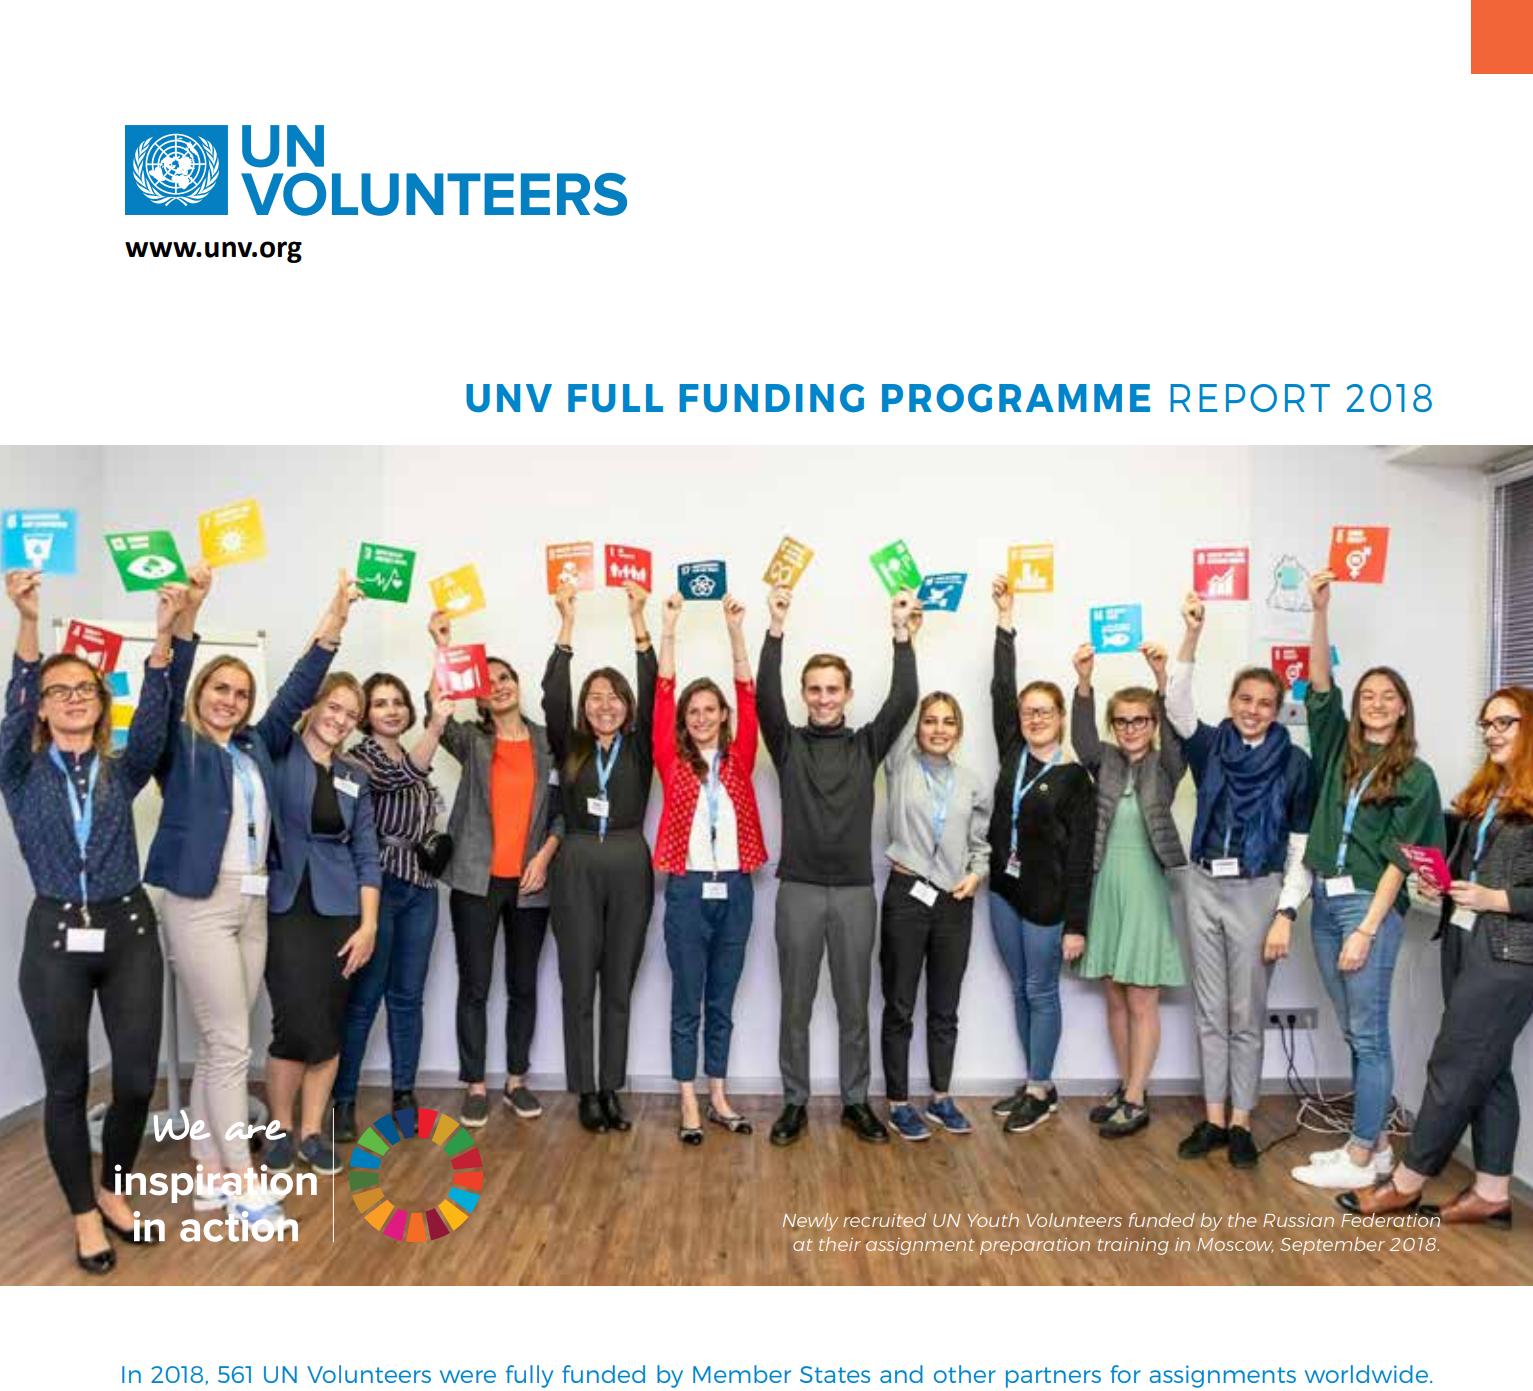 UNV 2018 Report Cover